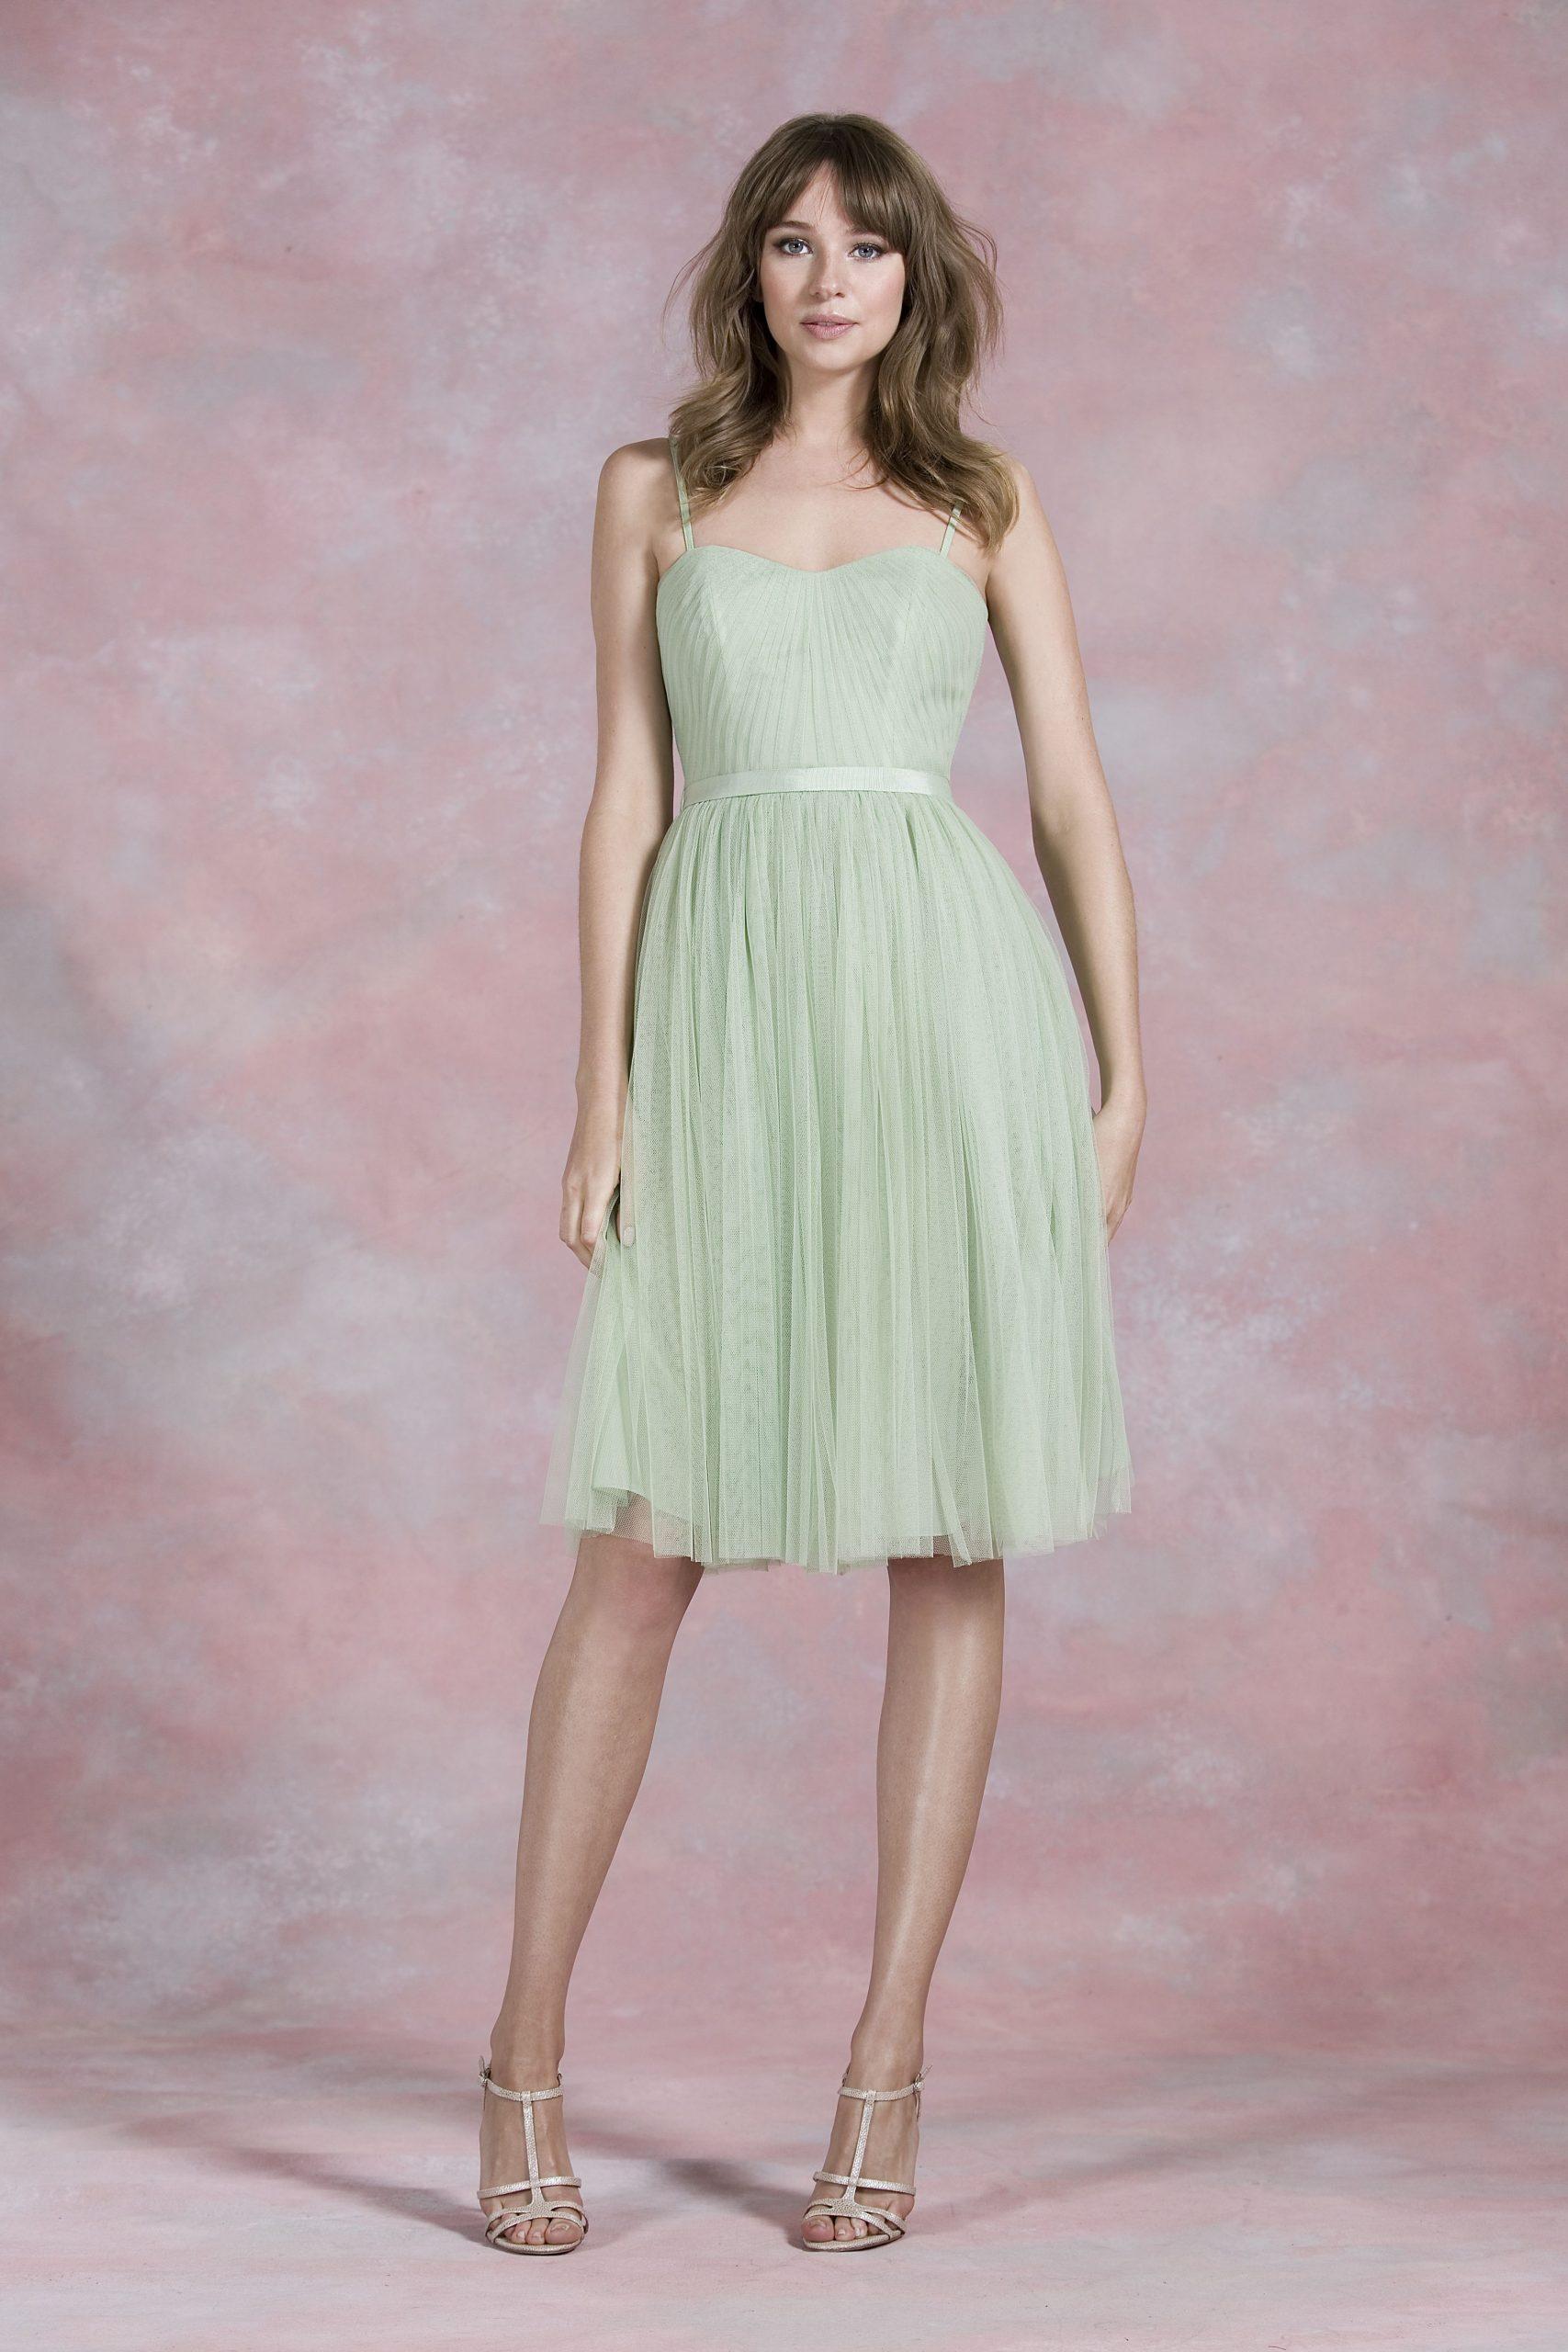 Formal Großartig Kleider Für Trauzeugin Design  Abendkleid